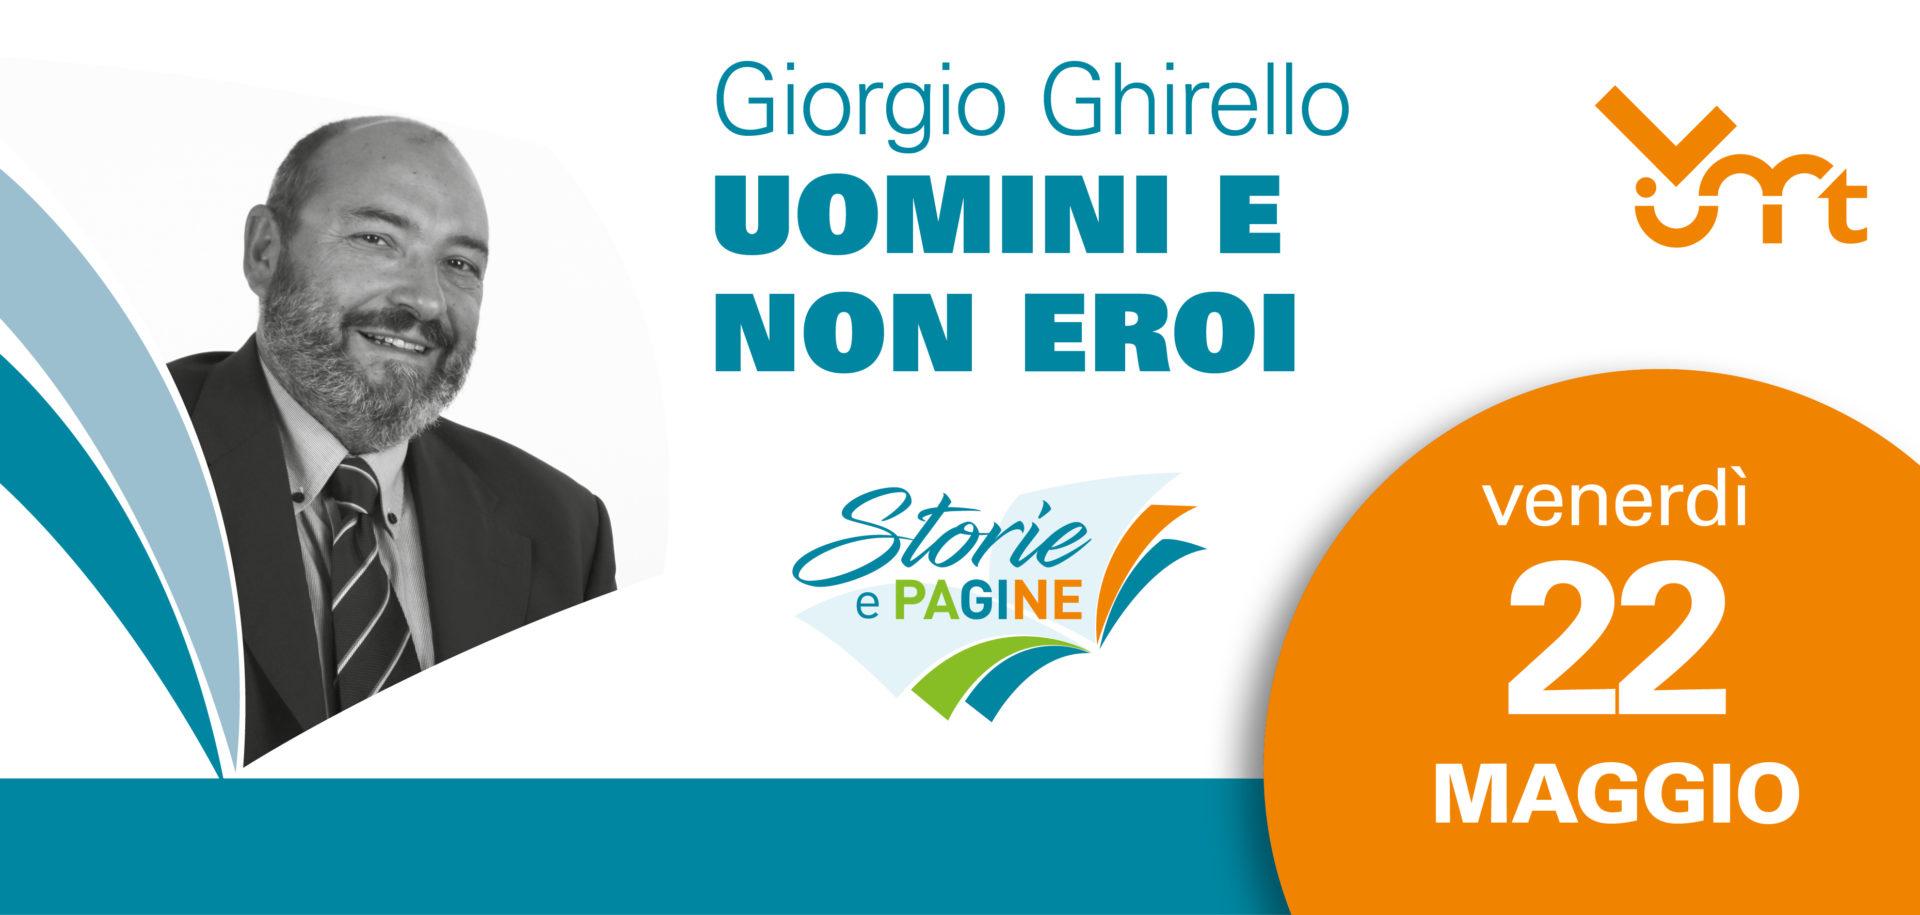 GIORGIO GHIRELLO